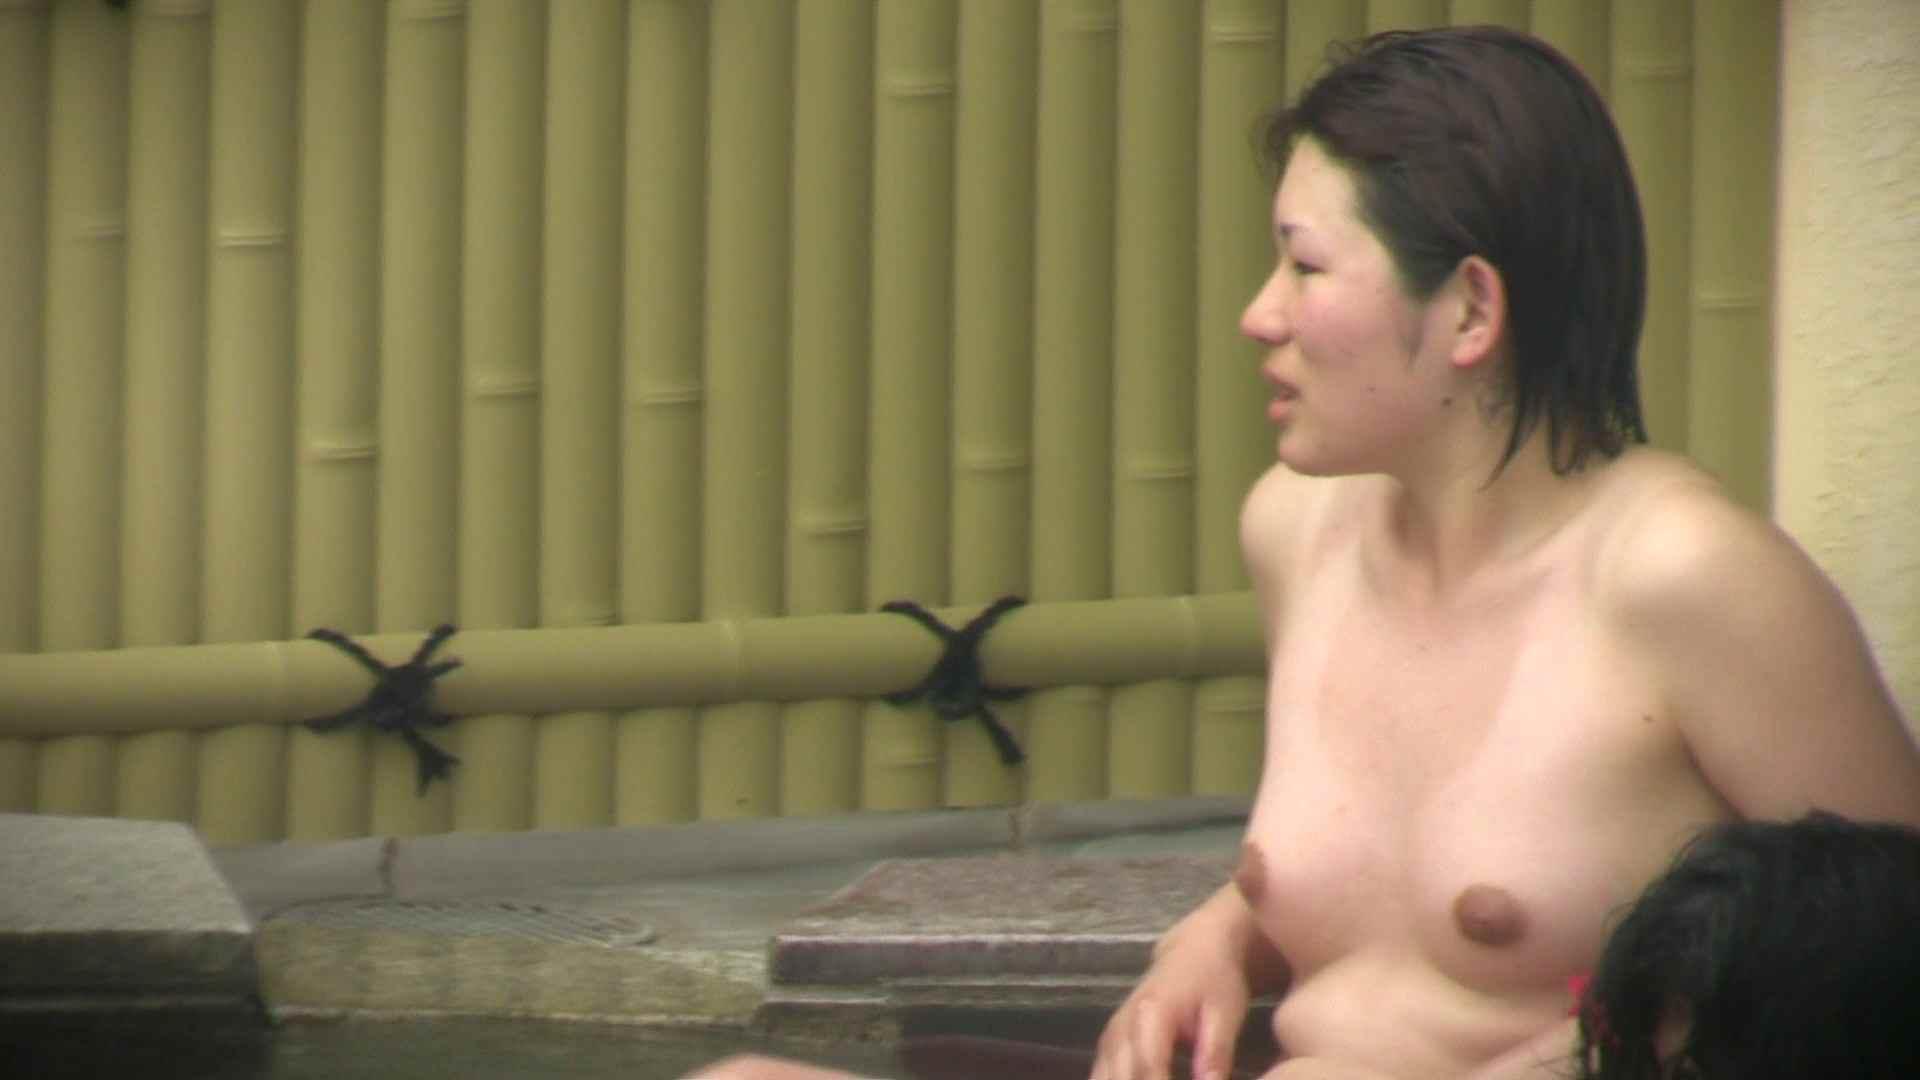 Aquaな露天風呂Vol.673 OLエロ画像 | 盗撮  104PICs 4